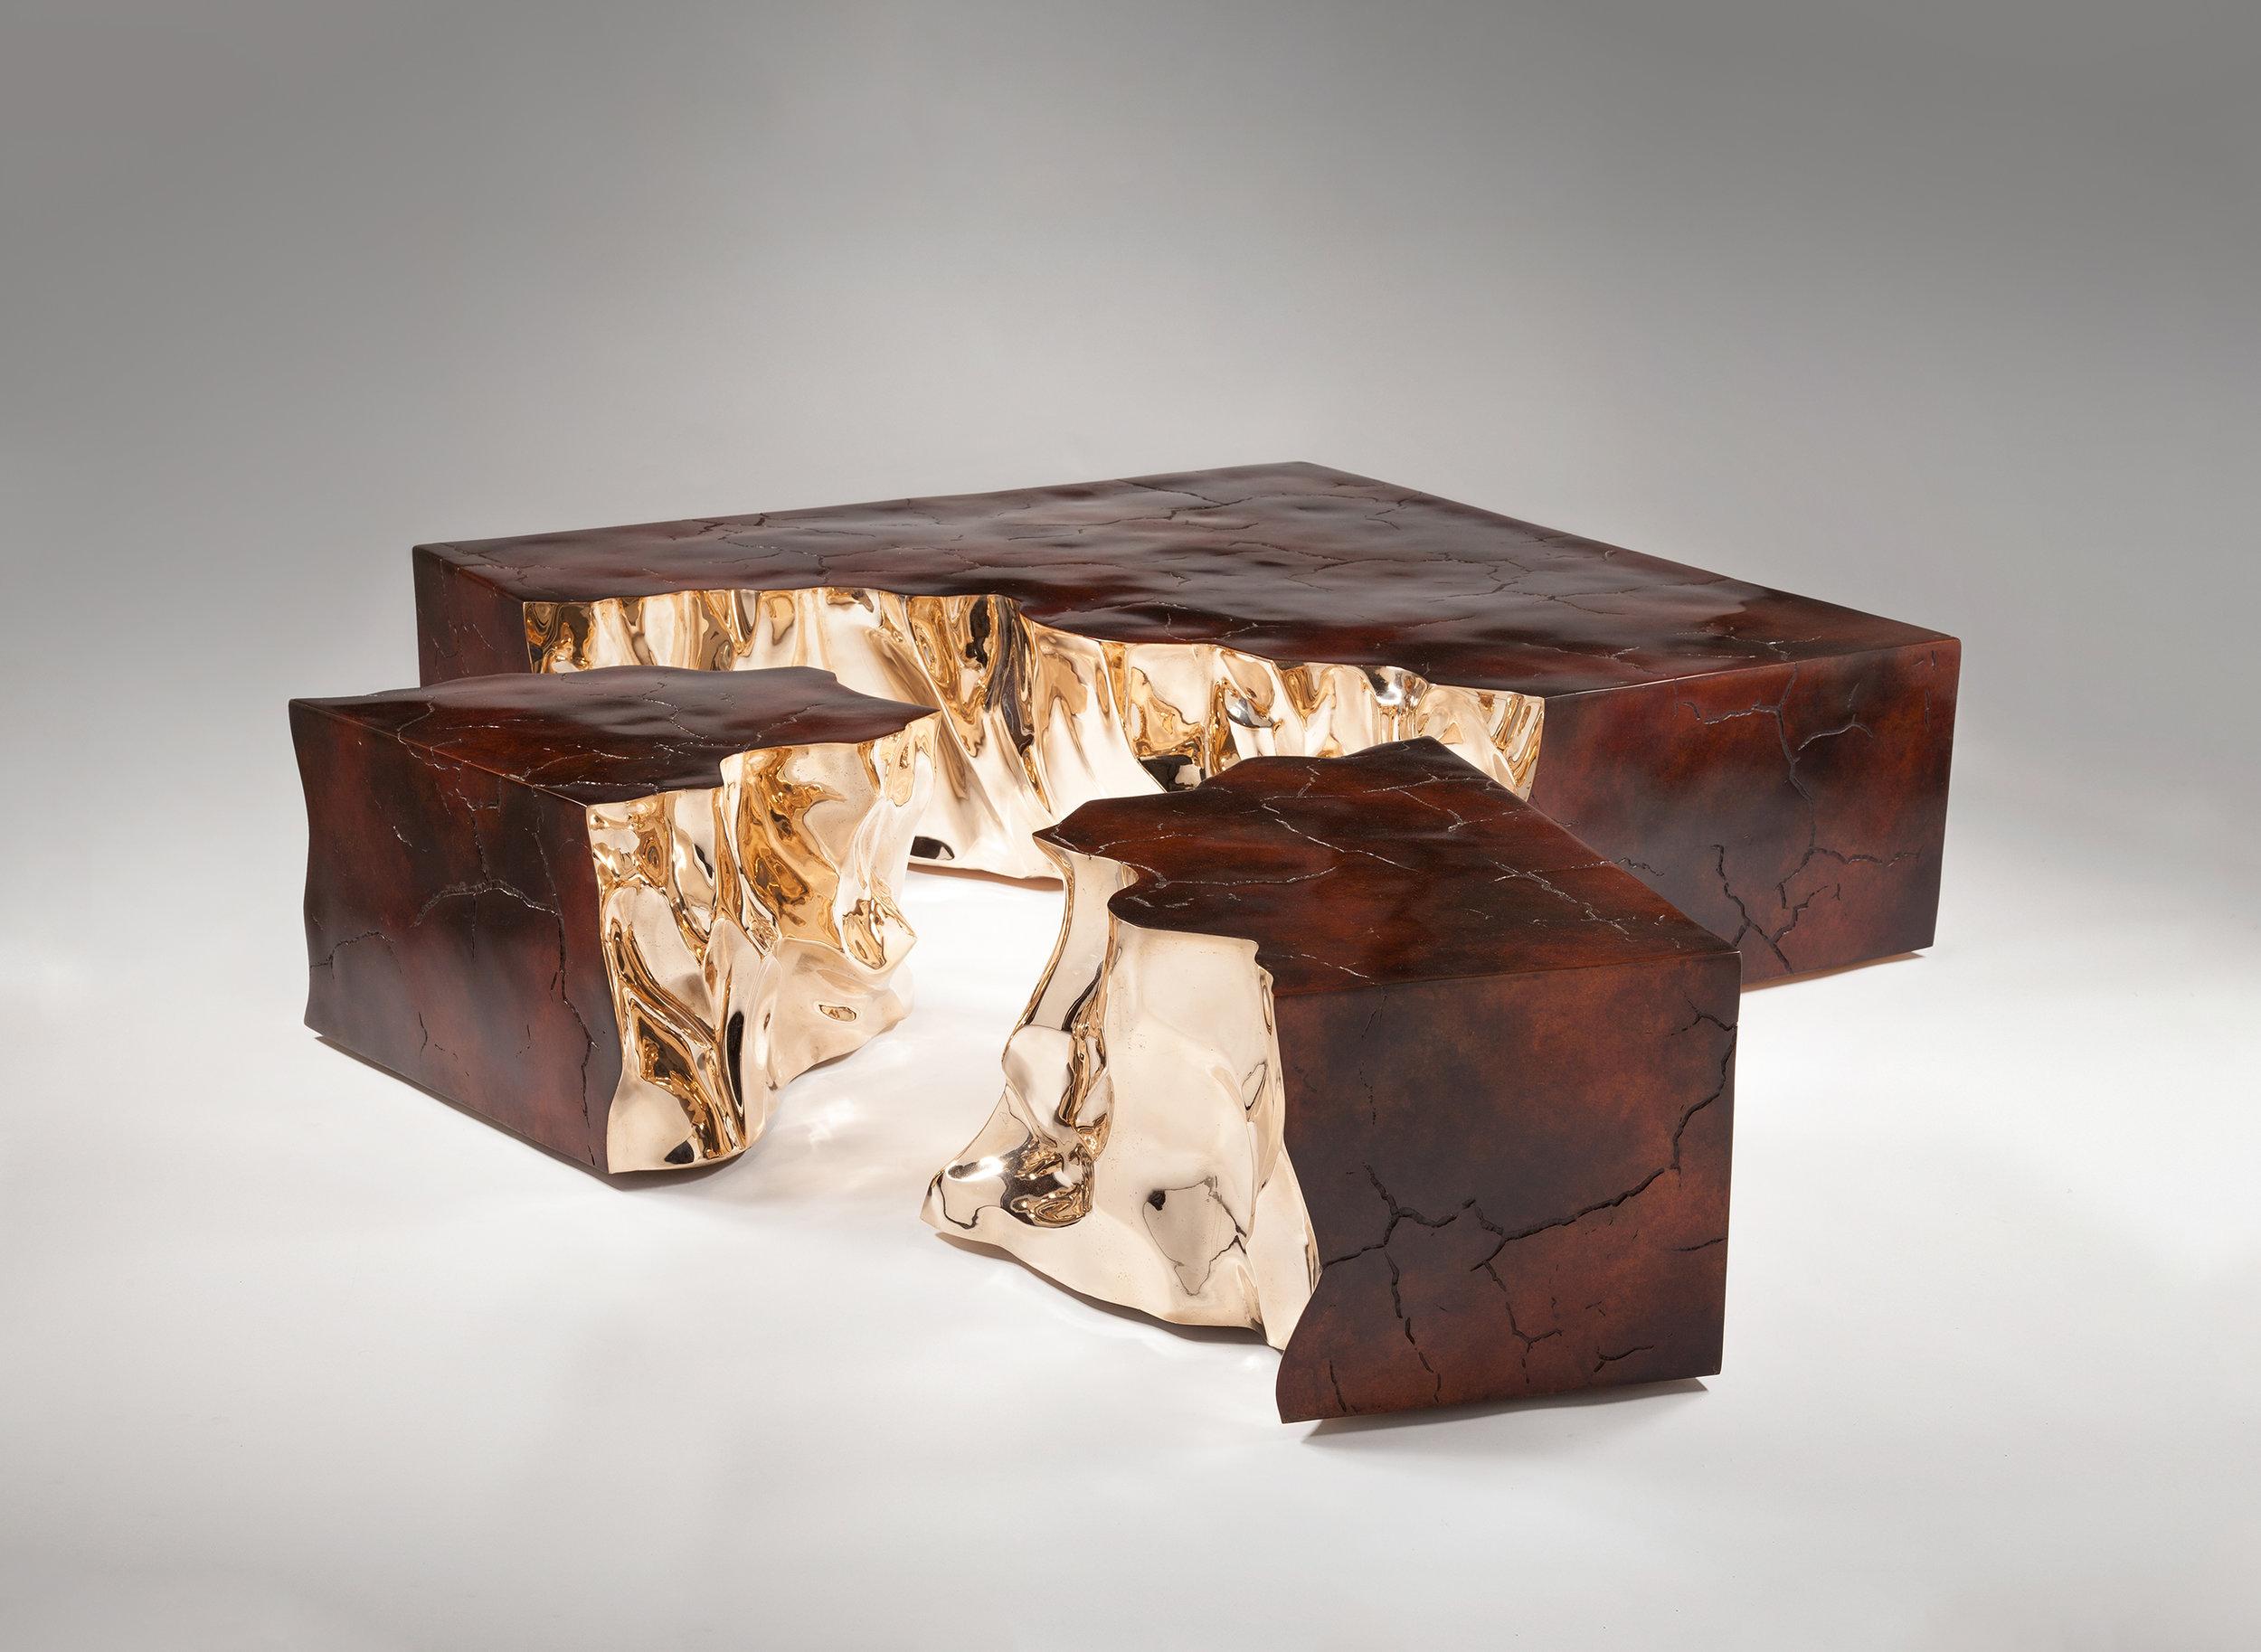 bu_00000_cast _fragmented crack_coffee table_dark_A.jpg